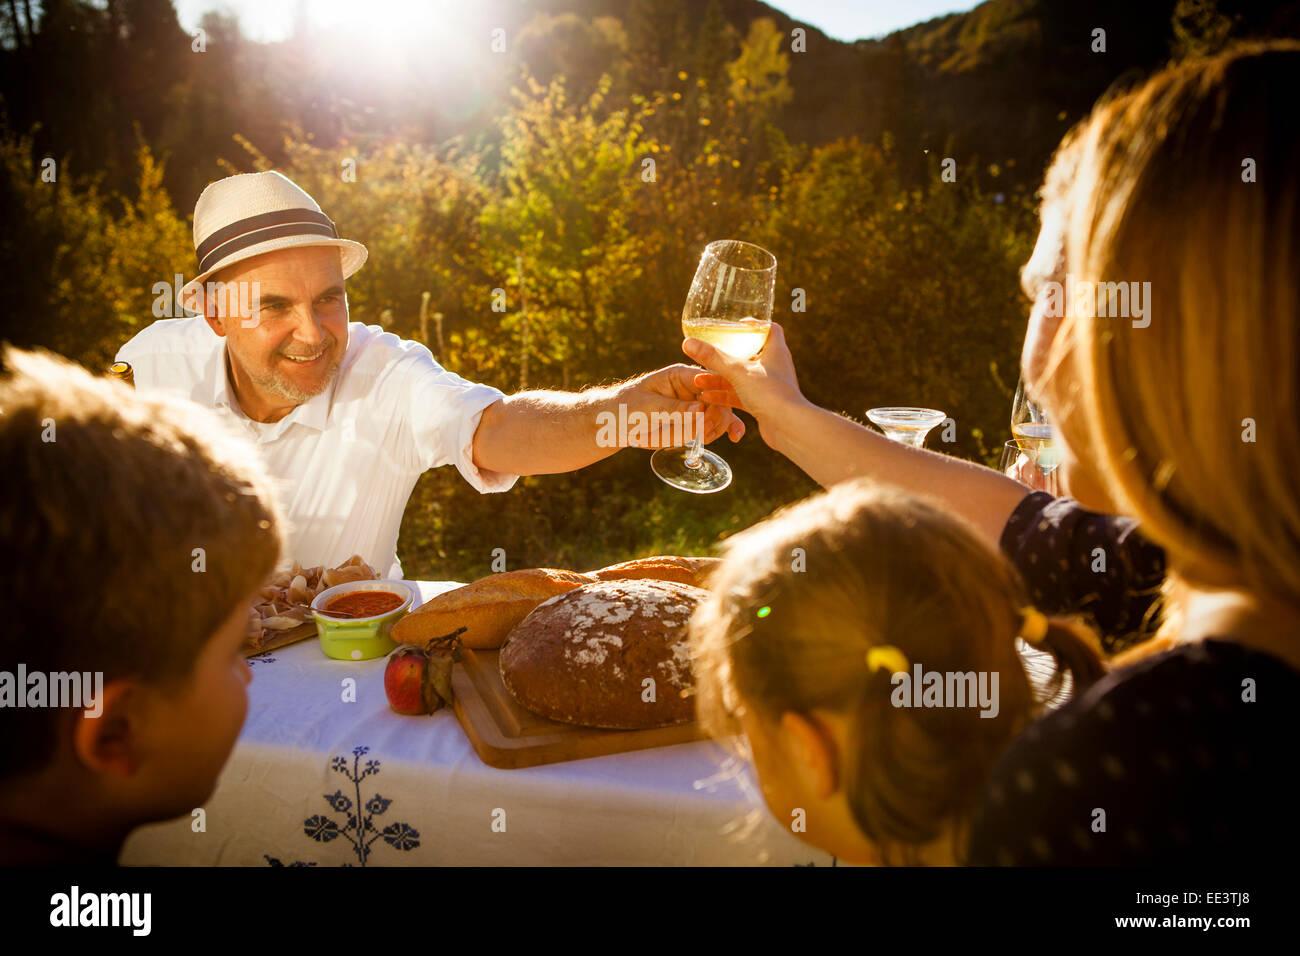 Familia haciendo un picnic en el jardín, Munich, Baviera, Alemania Imagen De Stock